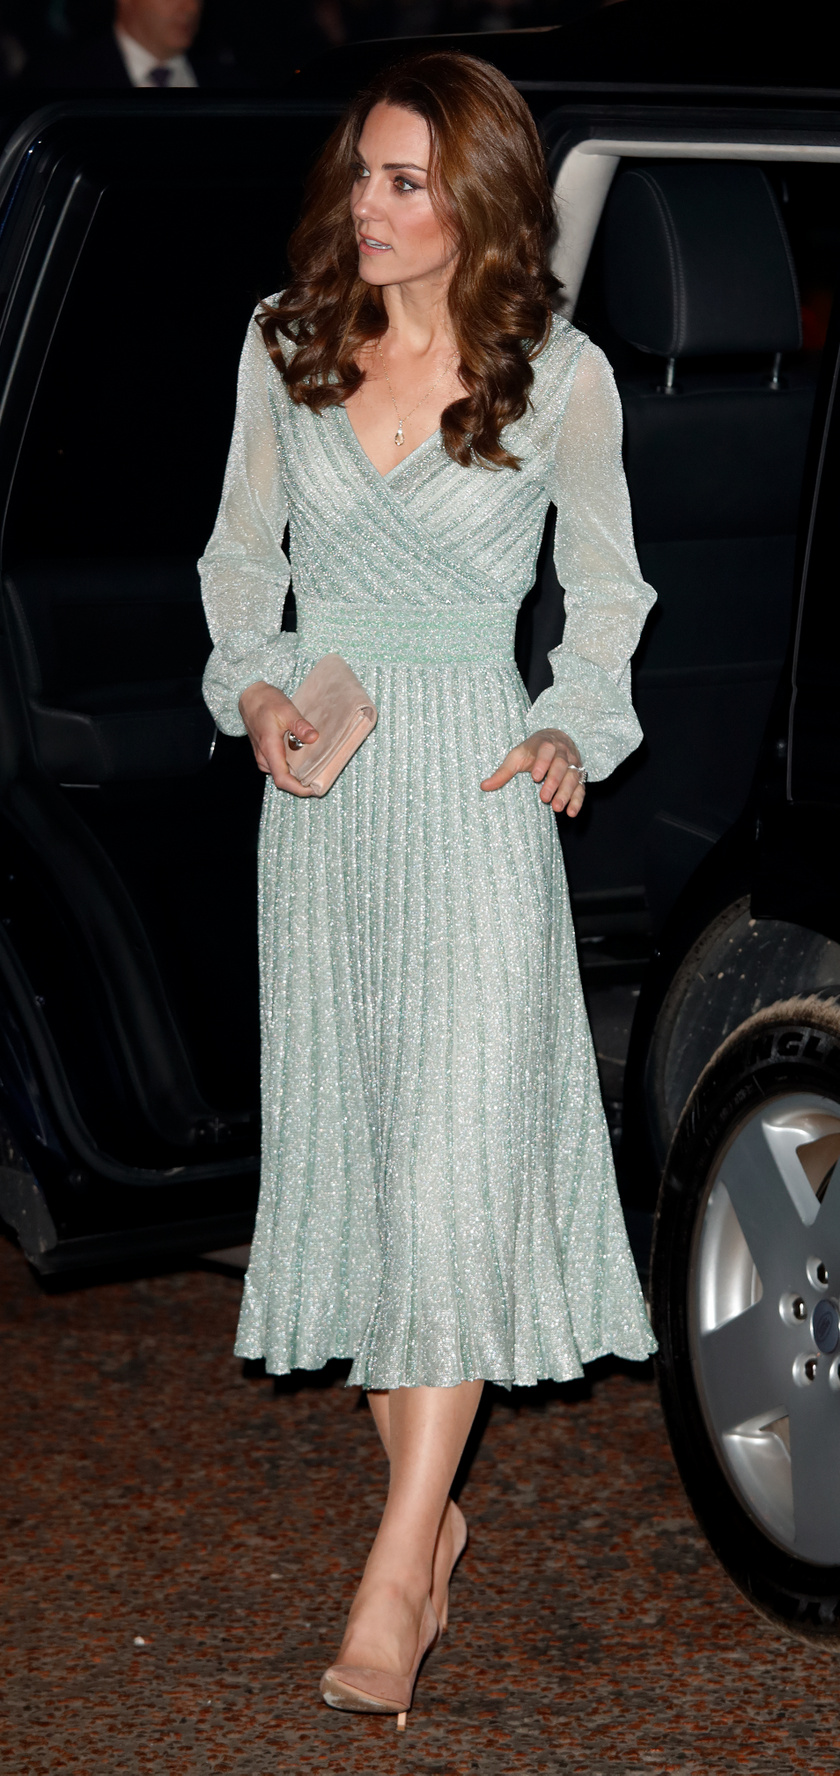 Idén egy belfasti látogatása során viselte ezt a csinos, csillogó Missoni-ruhát, mely 2480 dollárba, azaz 702 ezer forintba került.